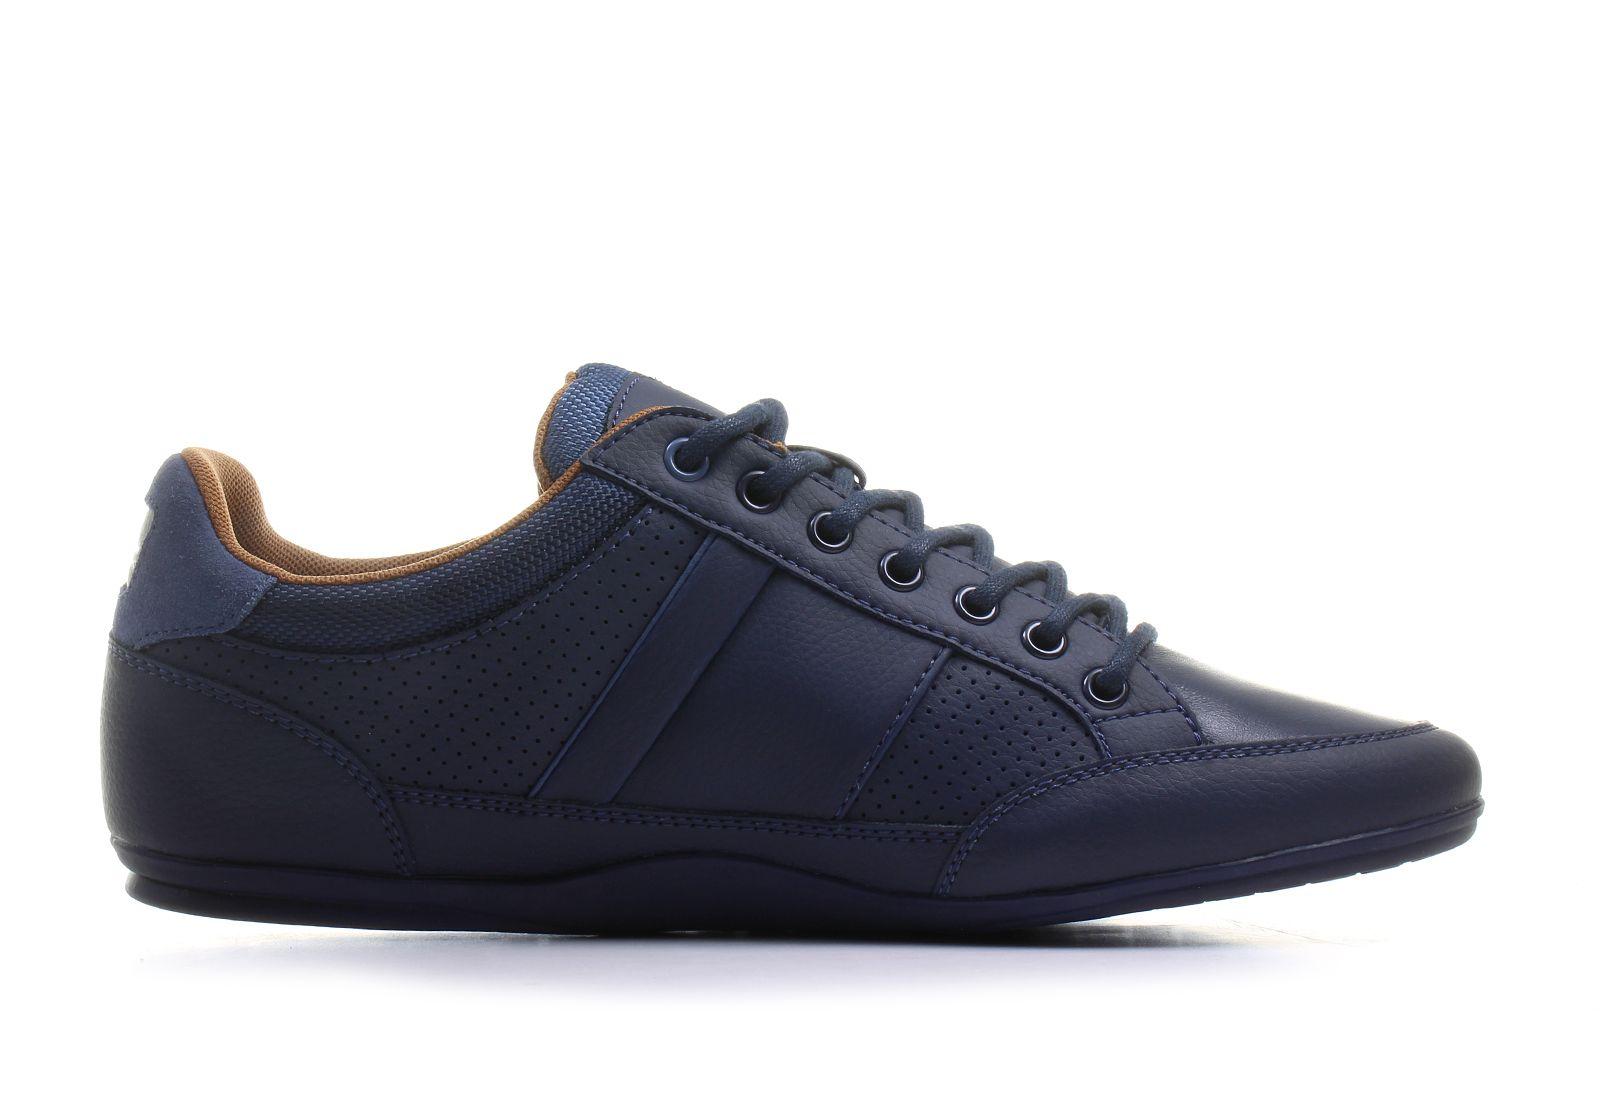 Lacoste Shoes - Chaymon - 173CAM0006-NT1